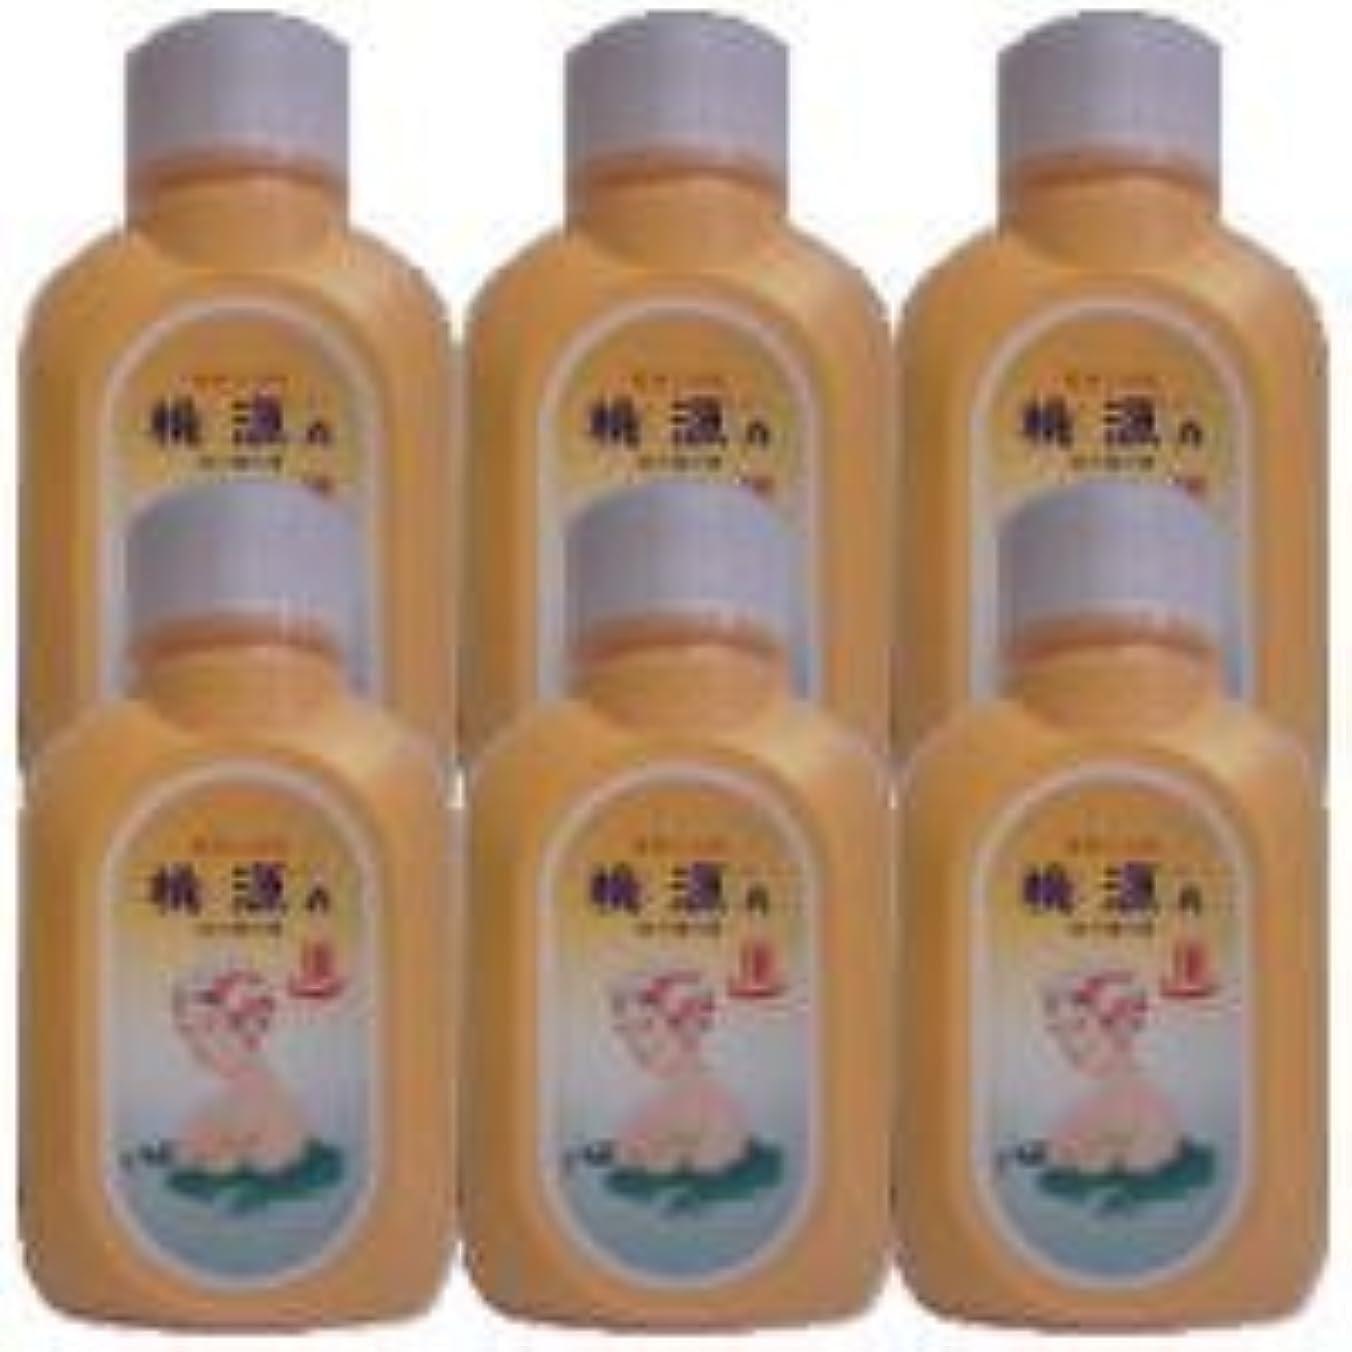 スクレーパーコインランドリー小包桃源 桃の葉の精 700g(オレンジ) 6個